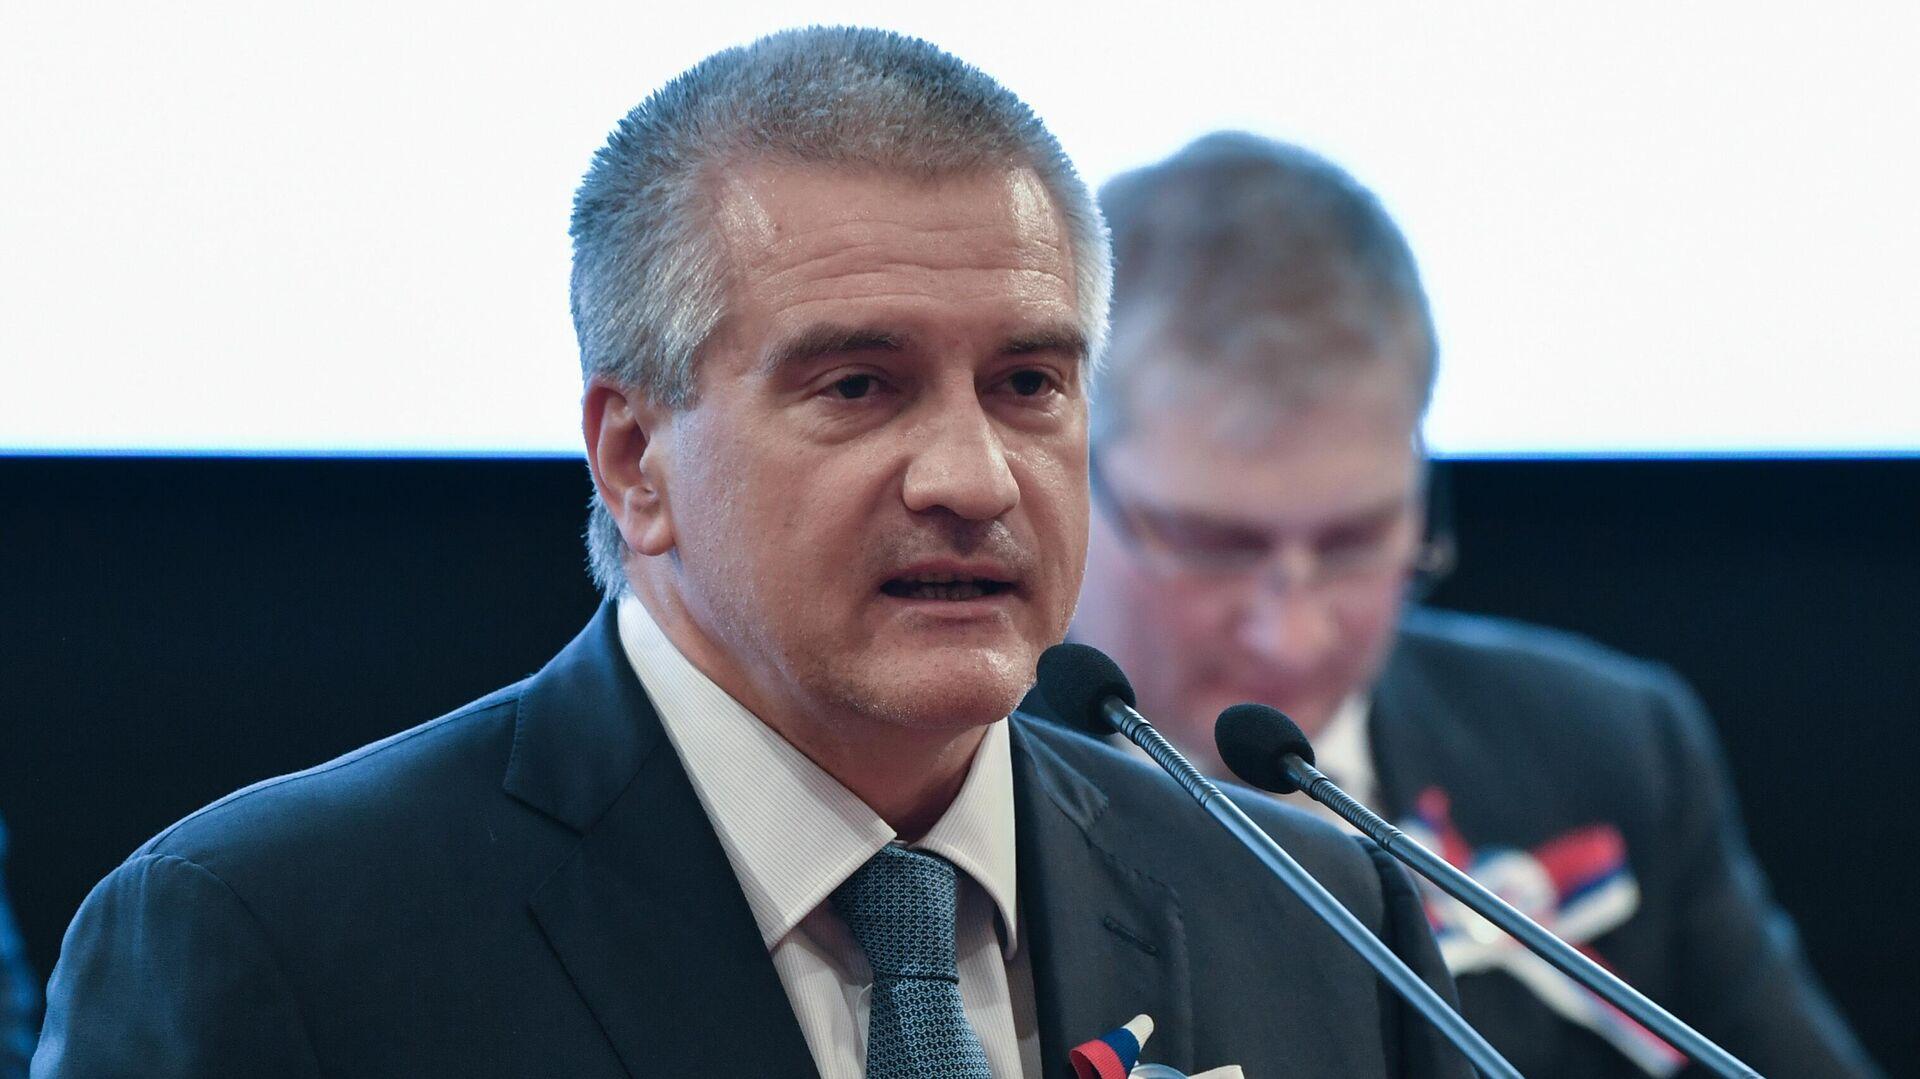 """Аксенов может """"замкнуть на себя"""" целевую федпрограмму, допустили в Крыму"""